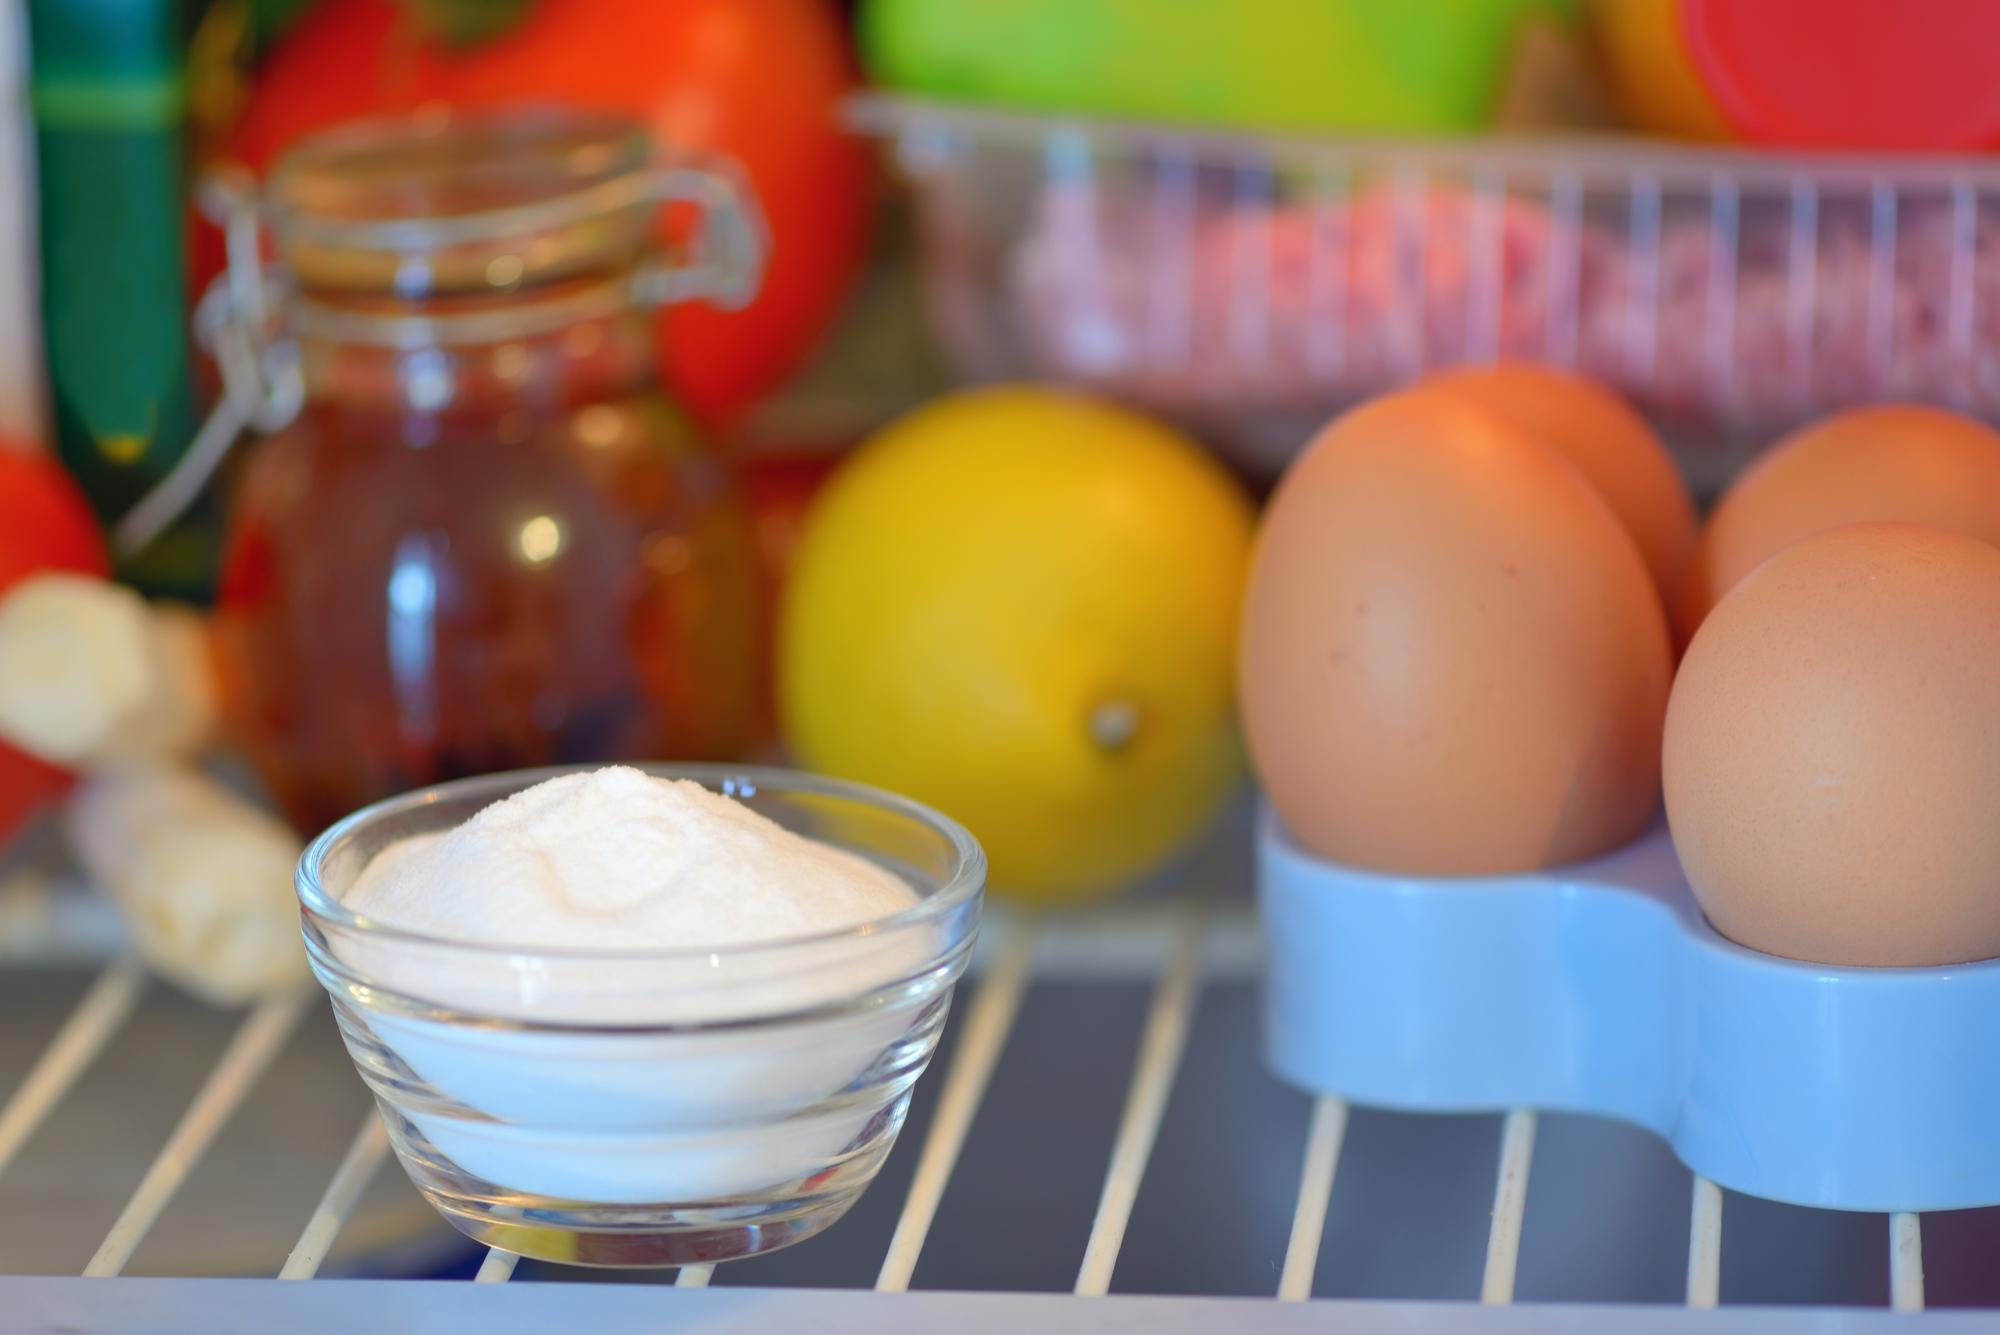 сода в холодильнике